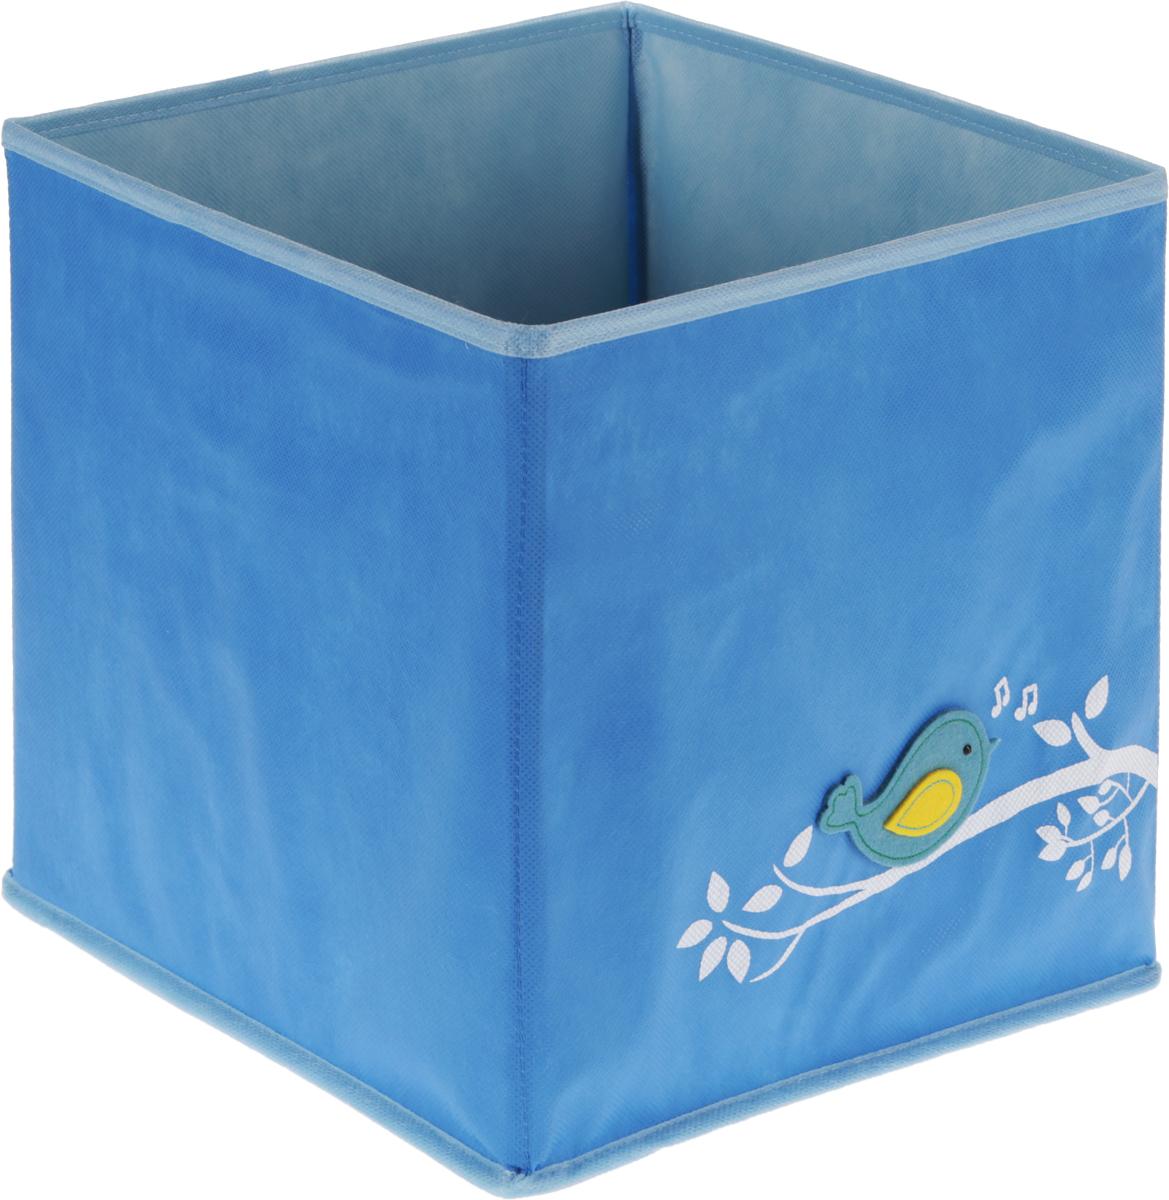 Кофр для вещей и игрушек Все на местах Чик-Чирик, детский, цвет: голубой, 30 х 30 х 30 см1004900000360Кофр для вещей и игрушек Все на местах Чик-Чирик сшит из прочного спанбонда, стенки укреплены прочными вставками. Фирменная фетровая аппликация - птичка на ветке, задает тон всей коллекции. Модель дополнена пластиковым съемным дном и застежкой-молнией, при помощи чего кофр легко можно сложить. Яркий вместительный короб для игрушек позволит держать в порядке игрушки на каждый день, которыми ребенок часто пользуется. Его можно протирать мыльной губкой, он не размокнет и не потеряет форму.Размеры: 30 х 30 х 30 см.